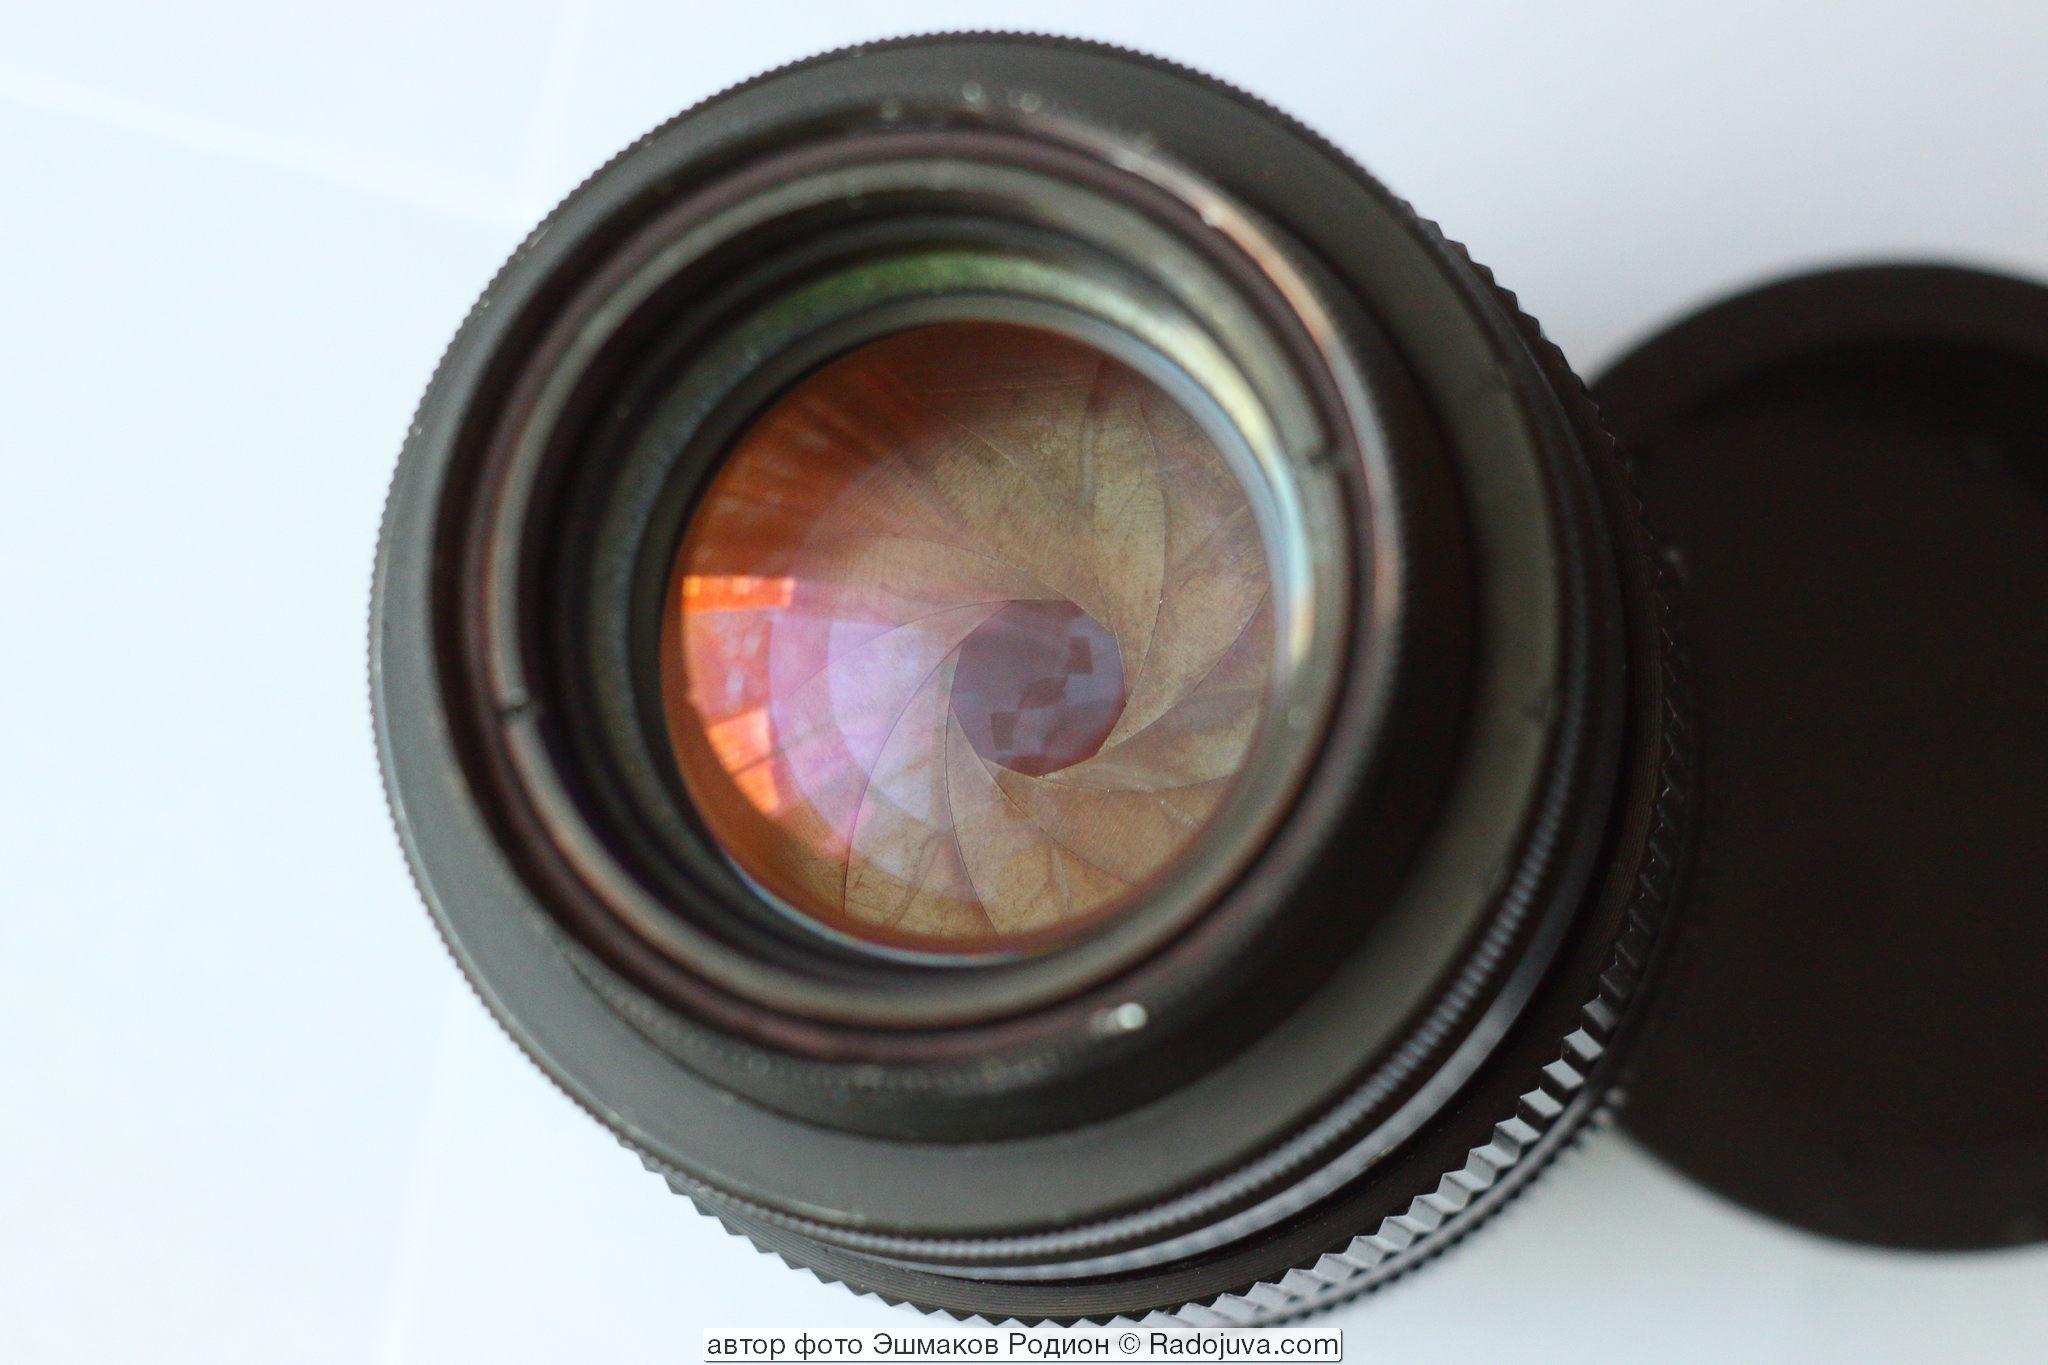 Вид переделанного объектива F=137